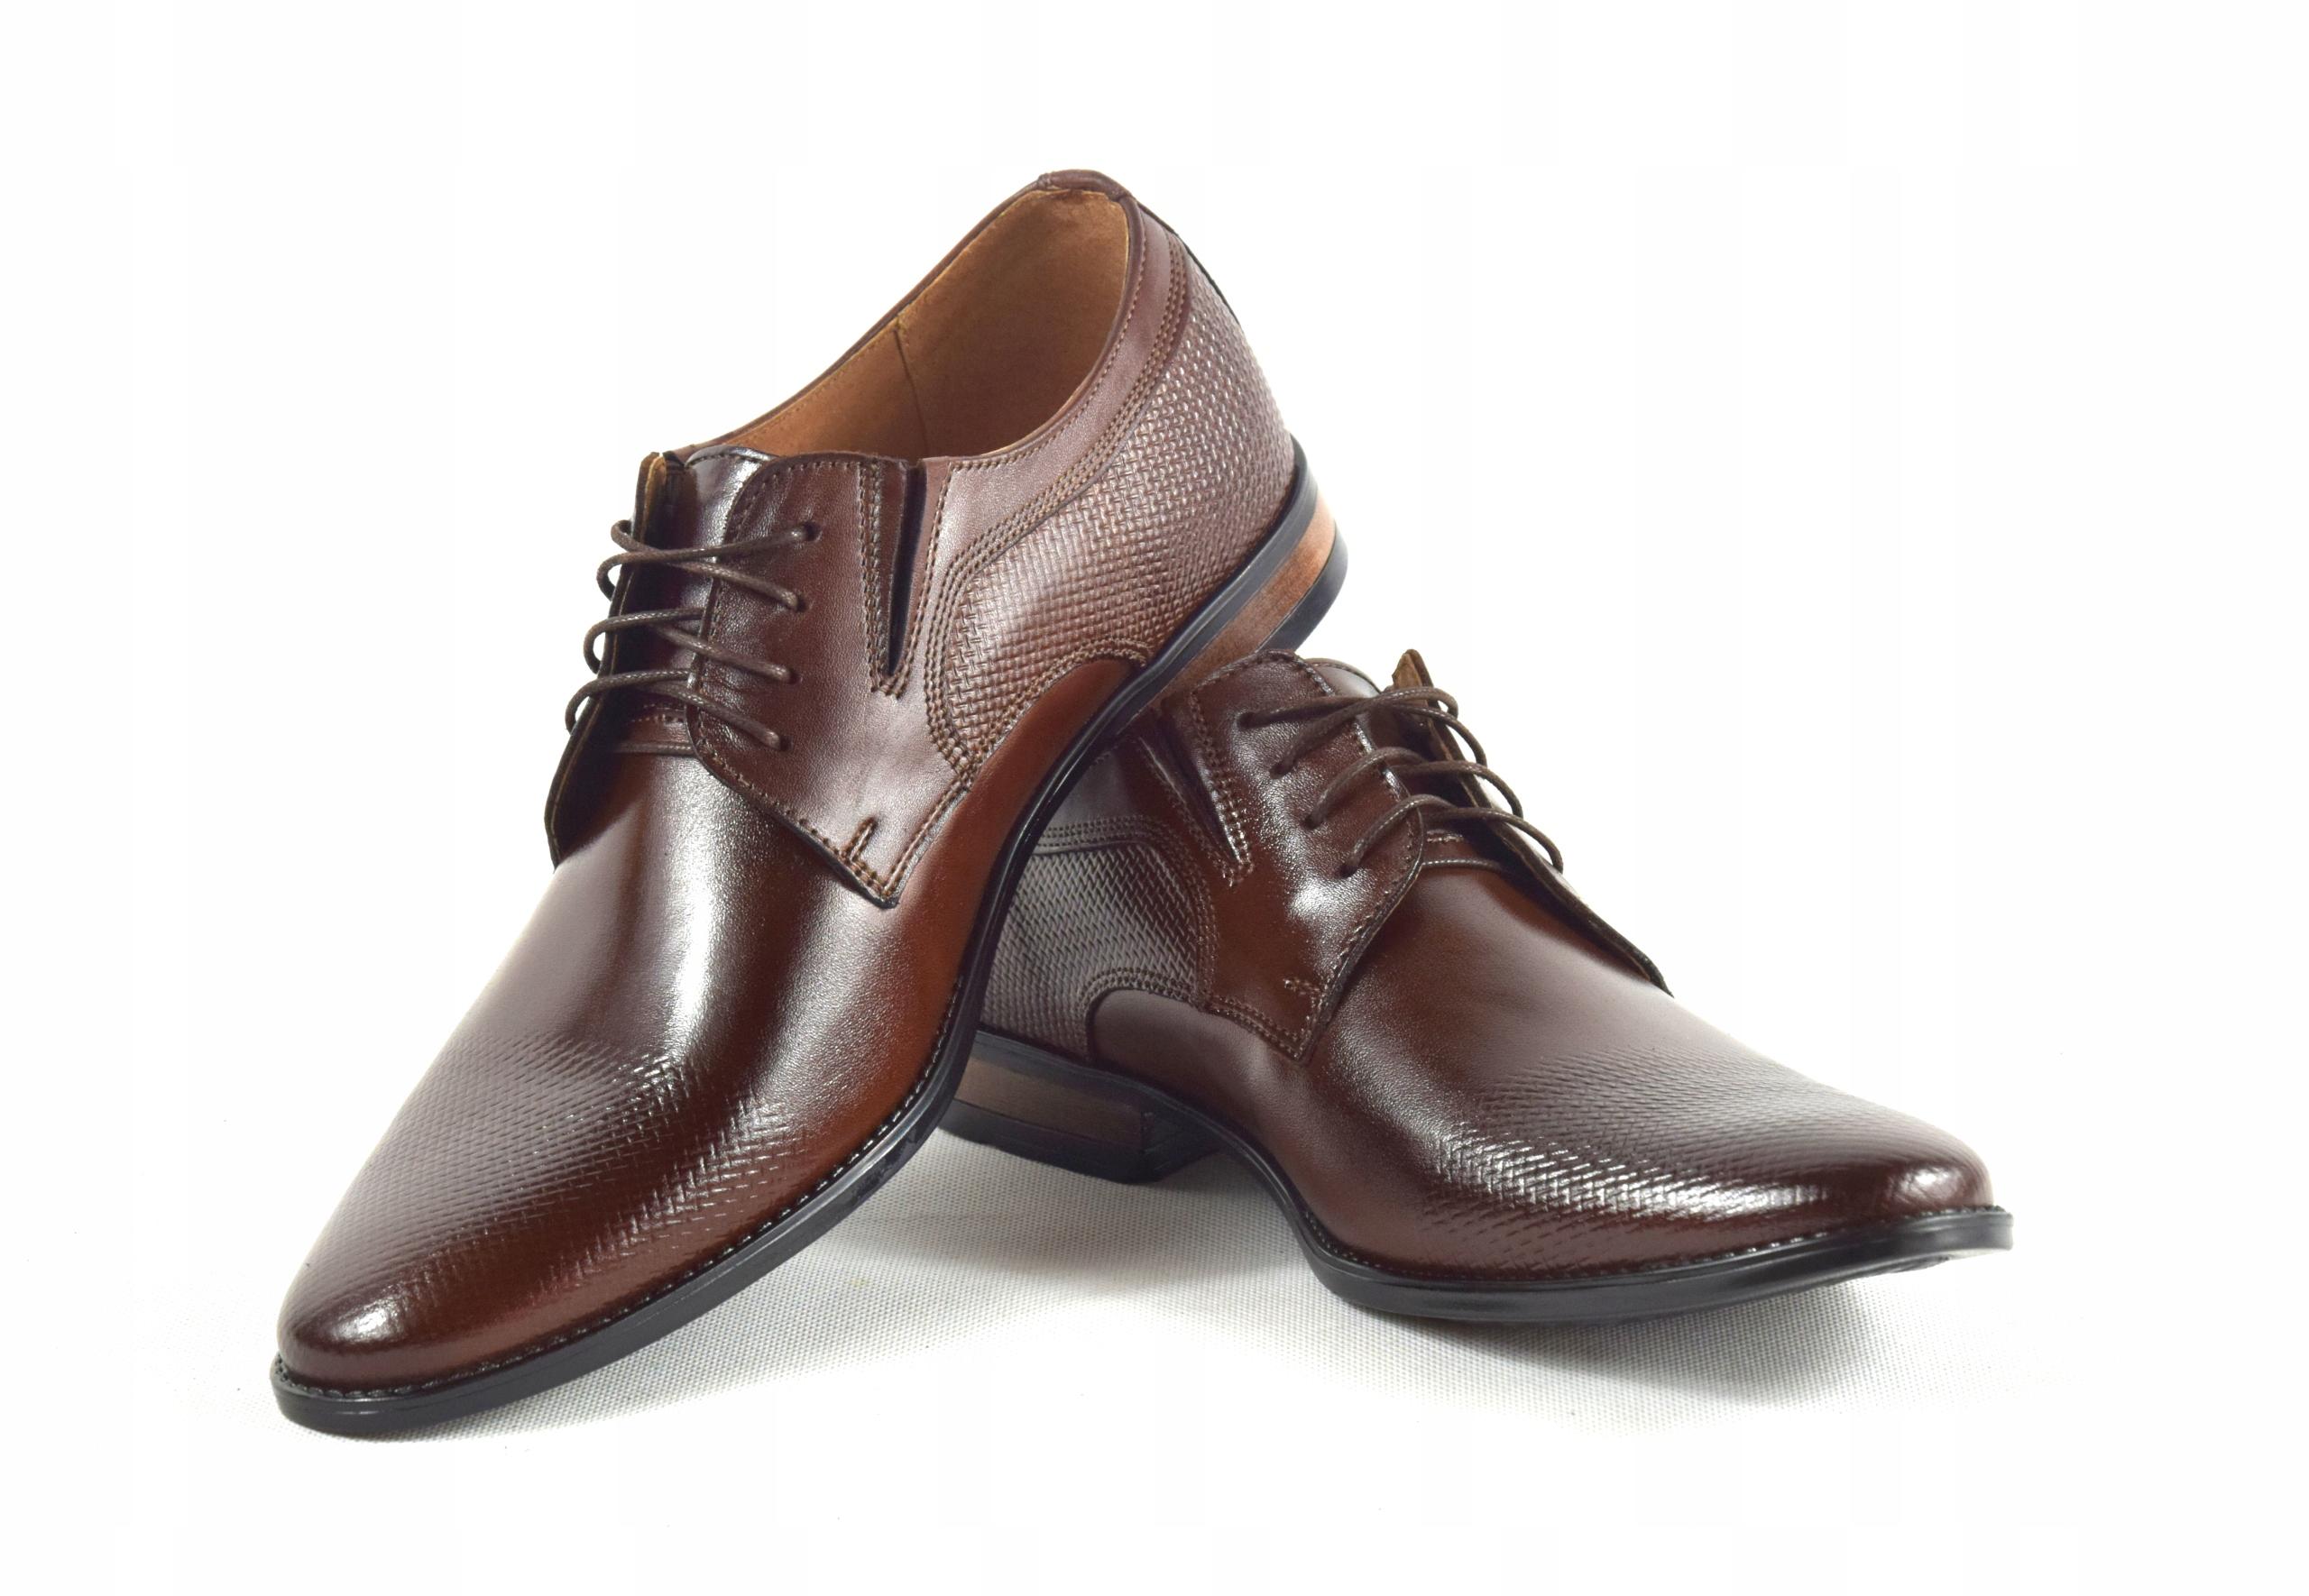 Buty męskie wizytowe skórzane brązowe obuwie 359/1 Kolor brązowy czerwony